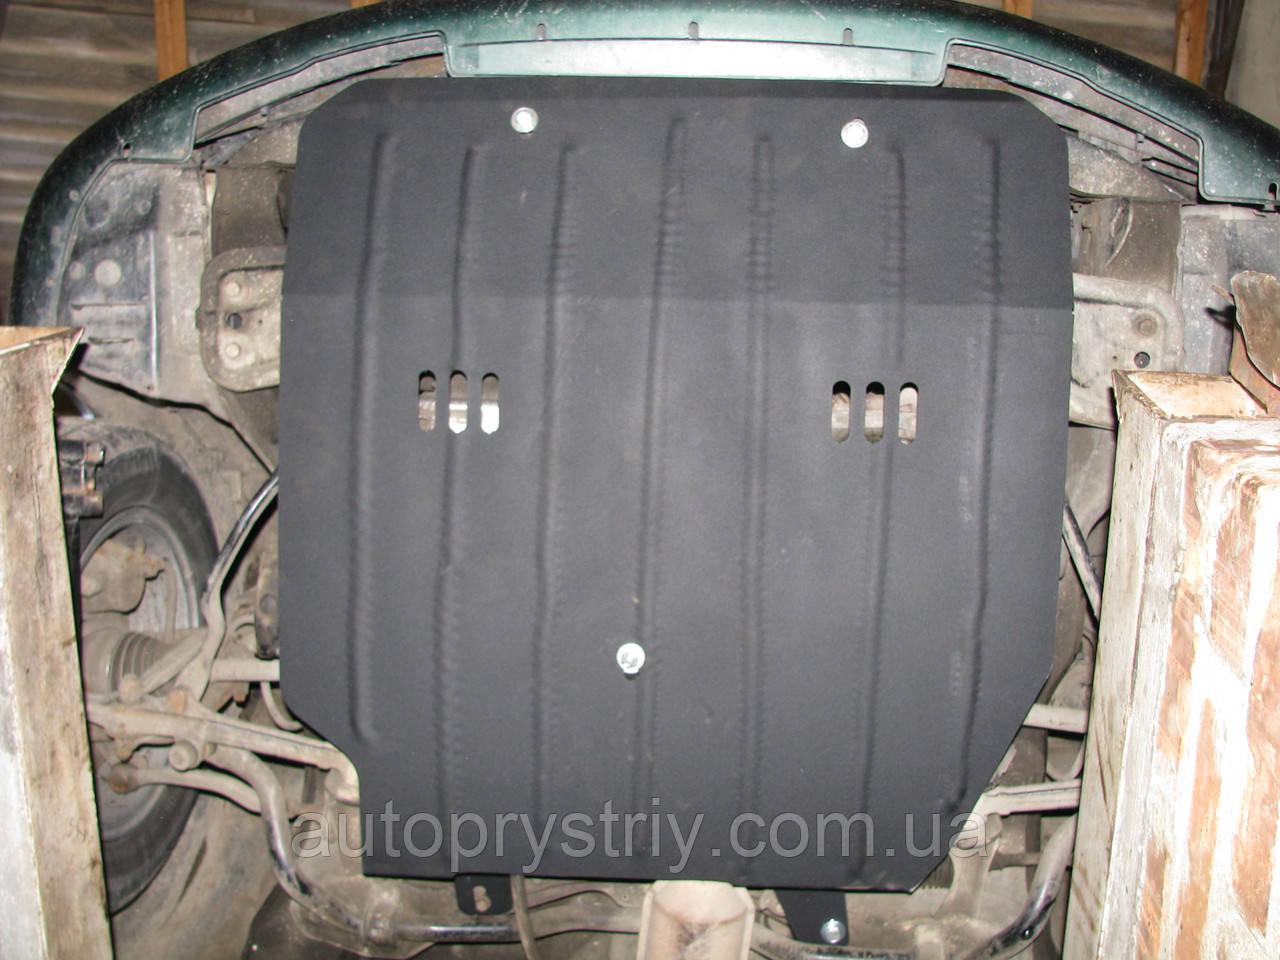 Защита двигателя и КПП Honda Shuttle (1995-1999) автомат 2.2, 2.3